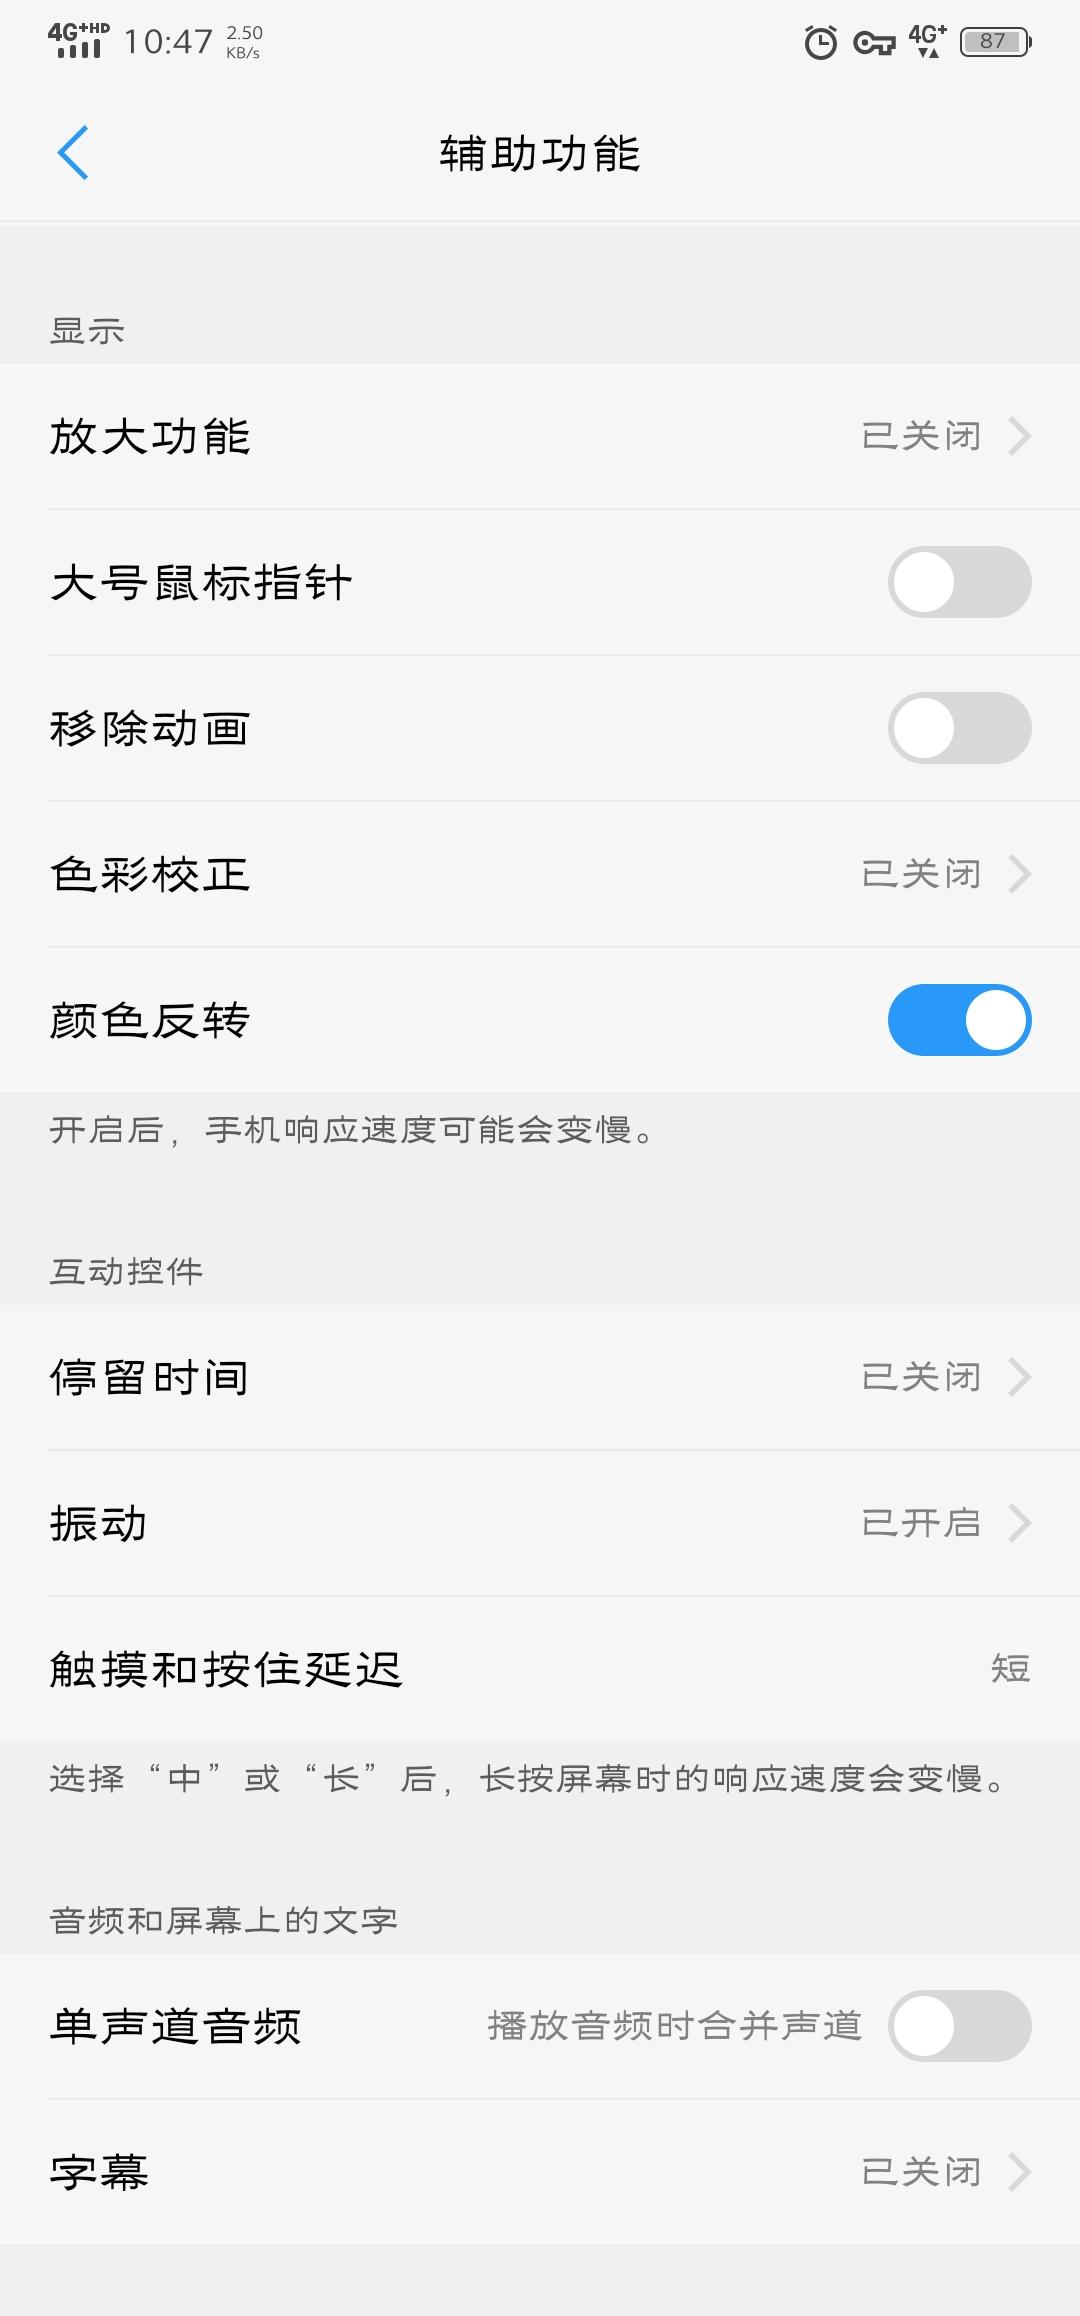 Screenshot_20190519_104726.jpg